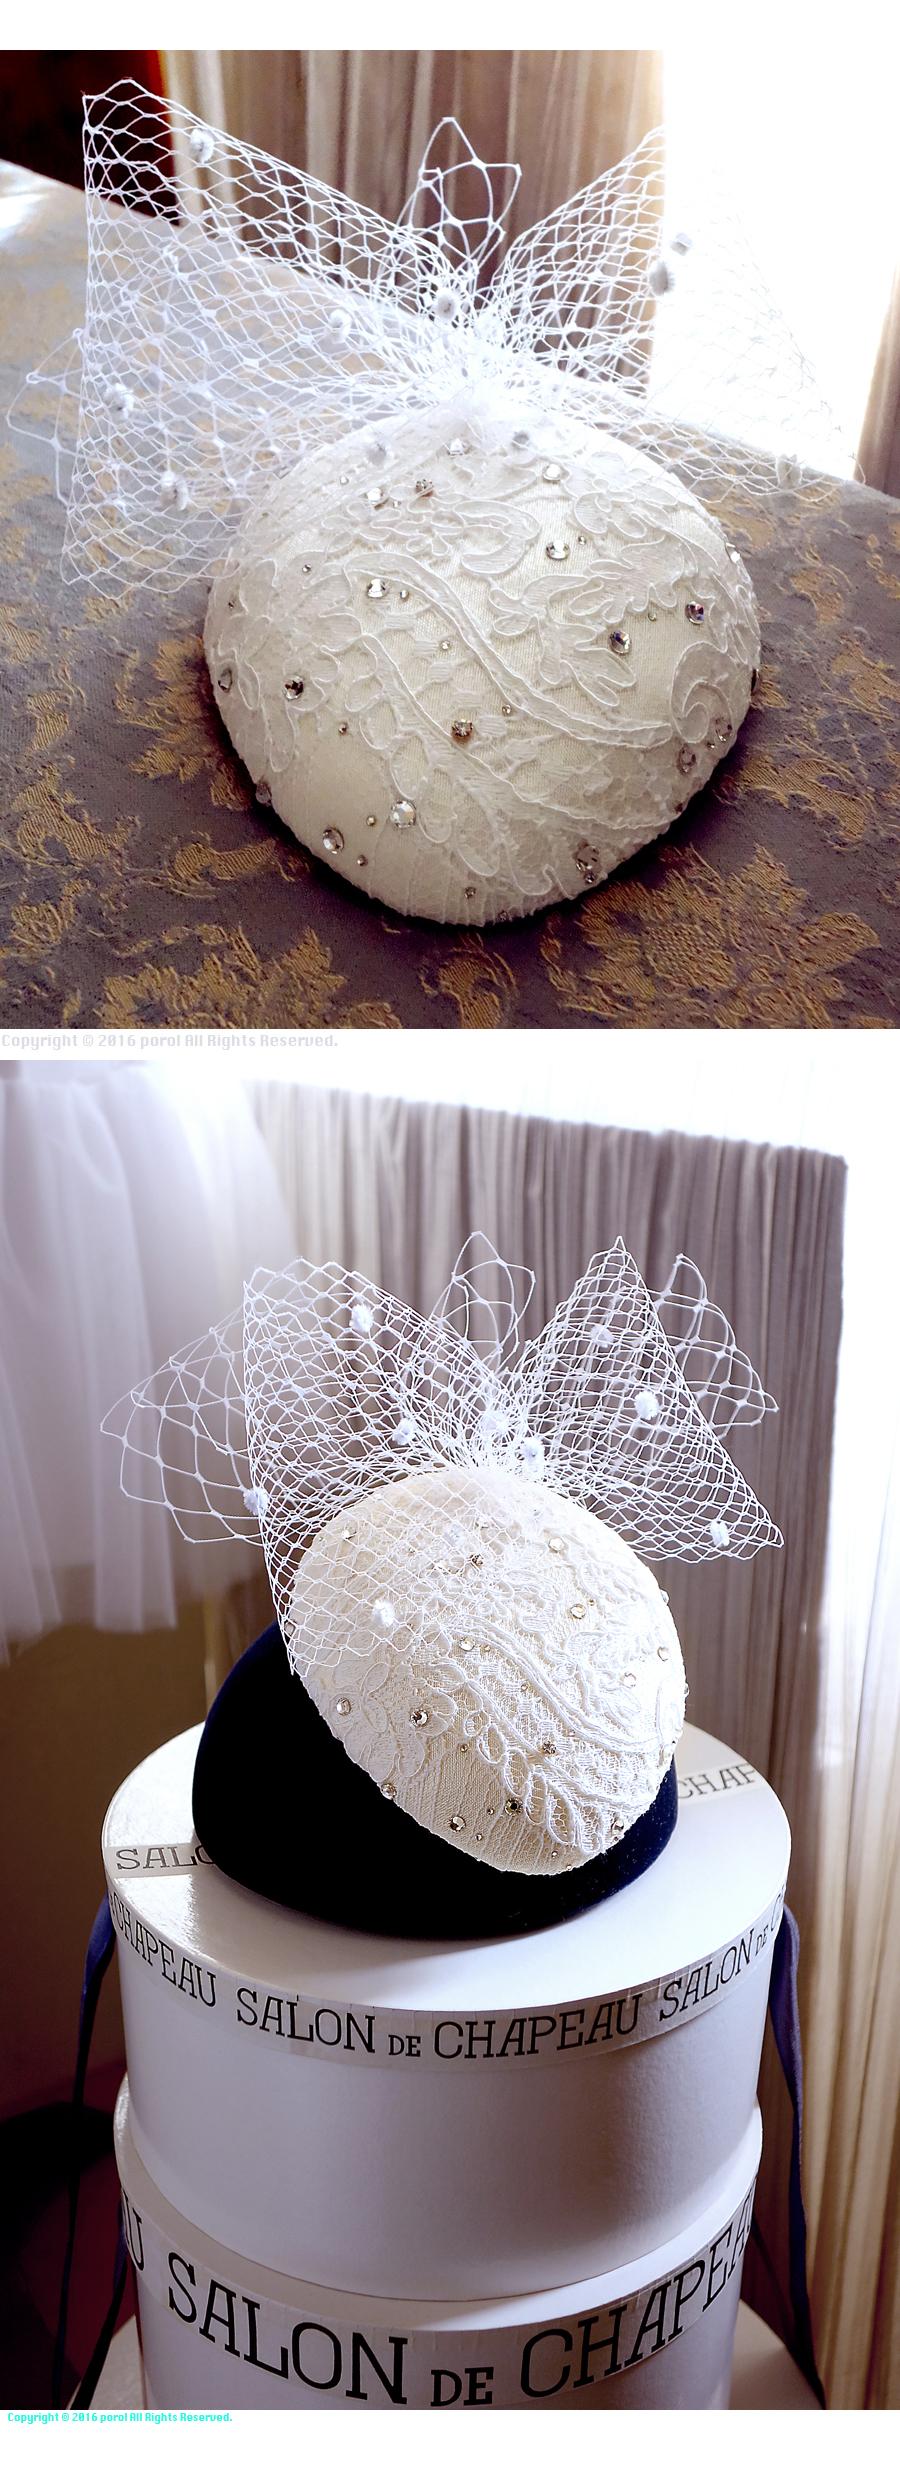 ★6  ミカドシルク 【絹Silk100%】 カクテルハット ヘッドドレス ウェディング